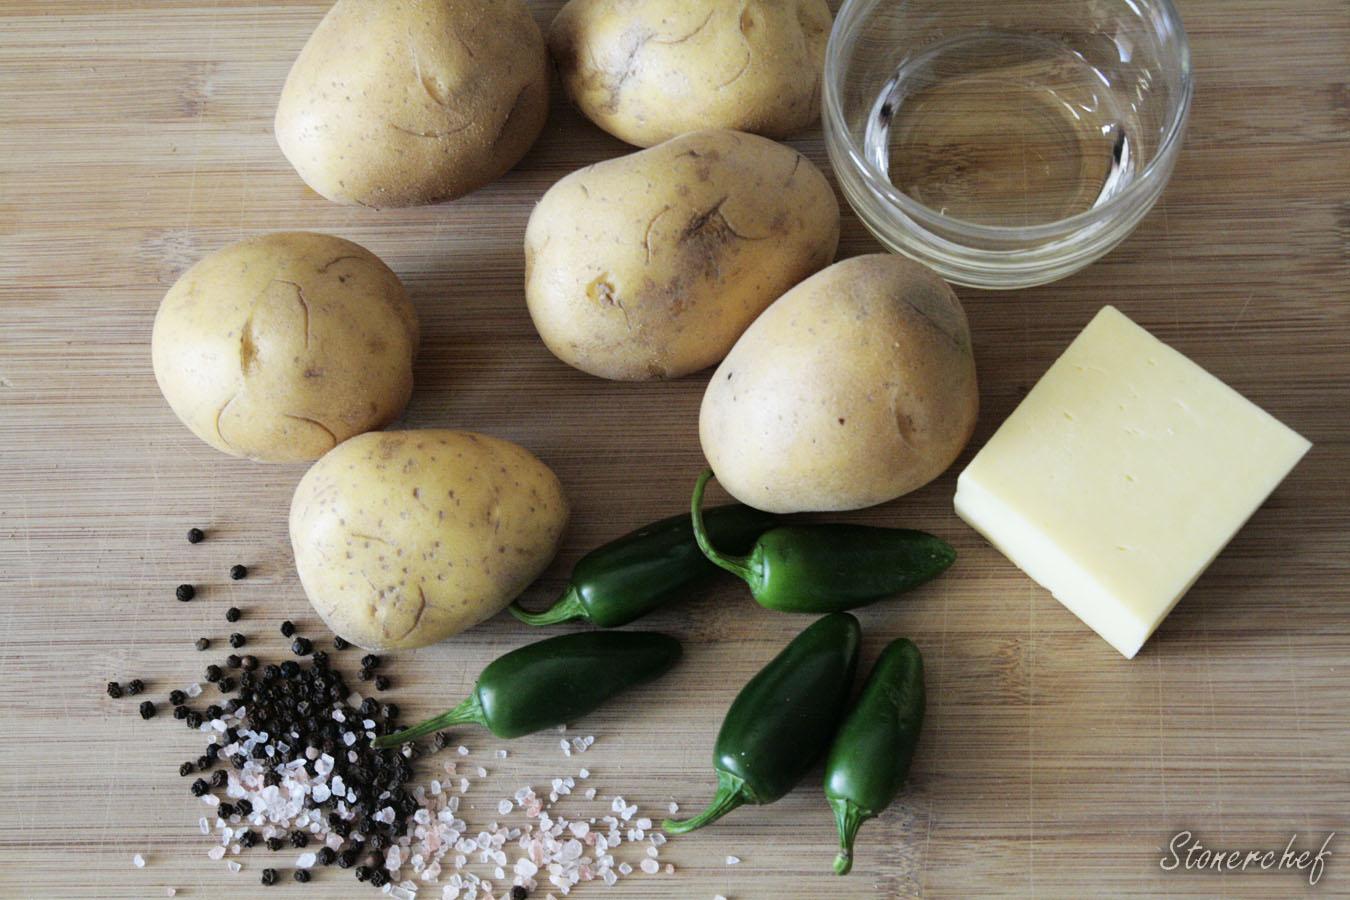 składniki na ziemniaki hasselback